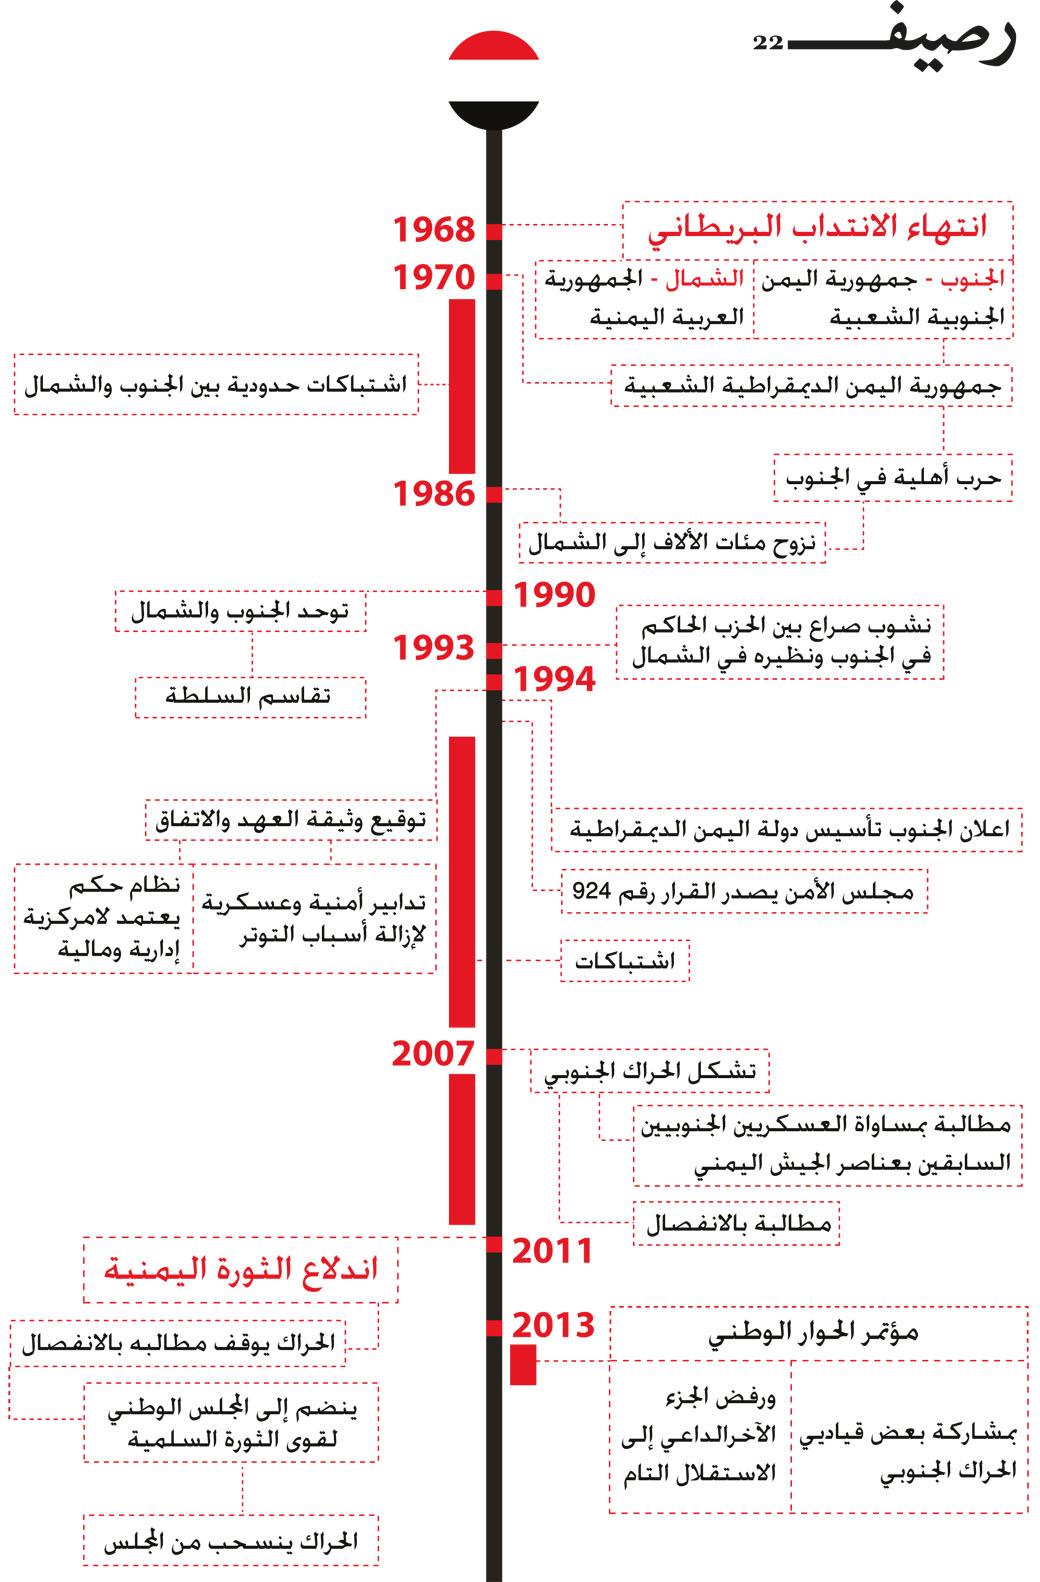 المسألة الجنوبية اليمنية